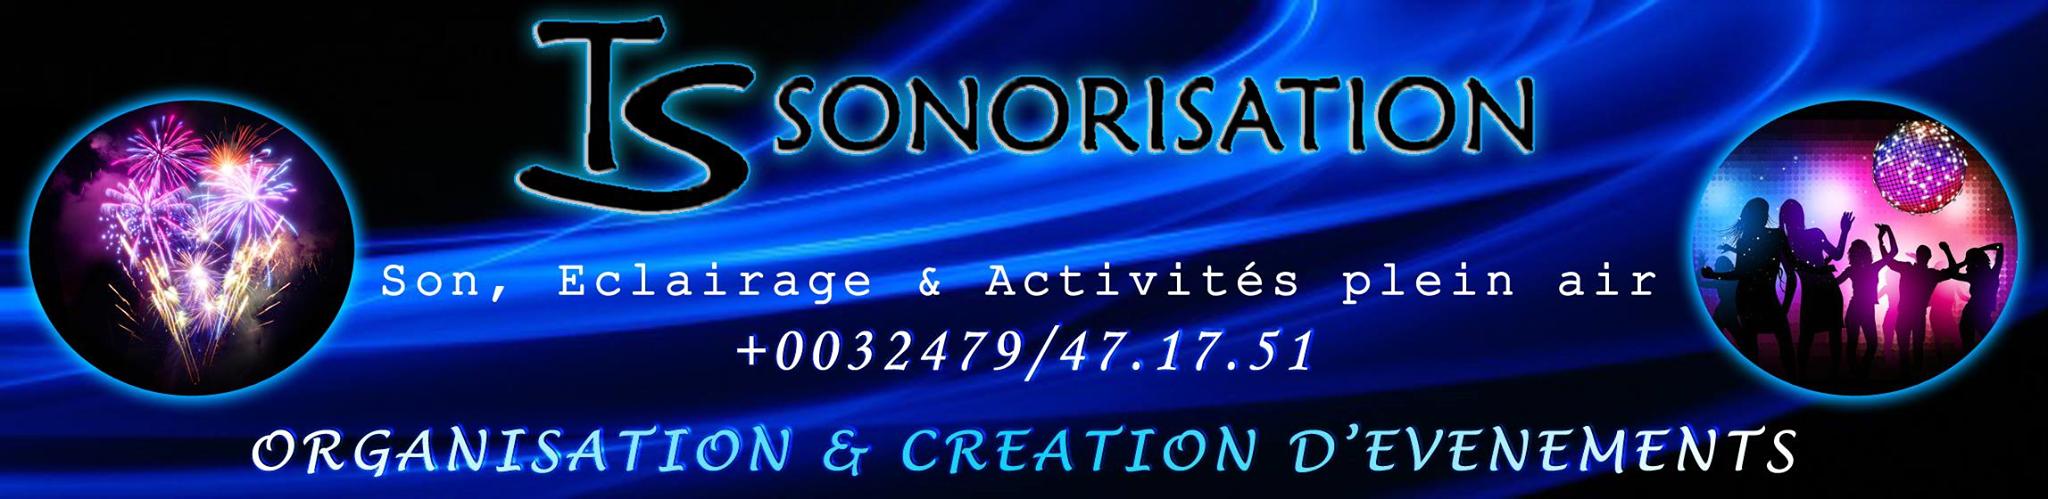 Tssonorisation